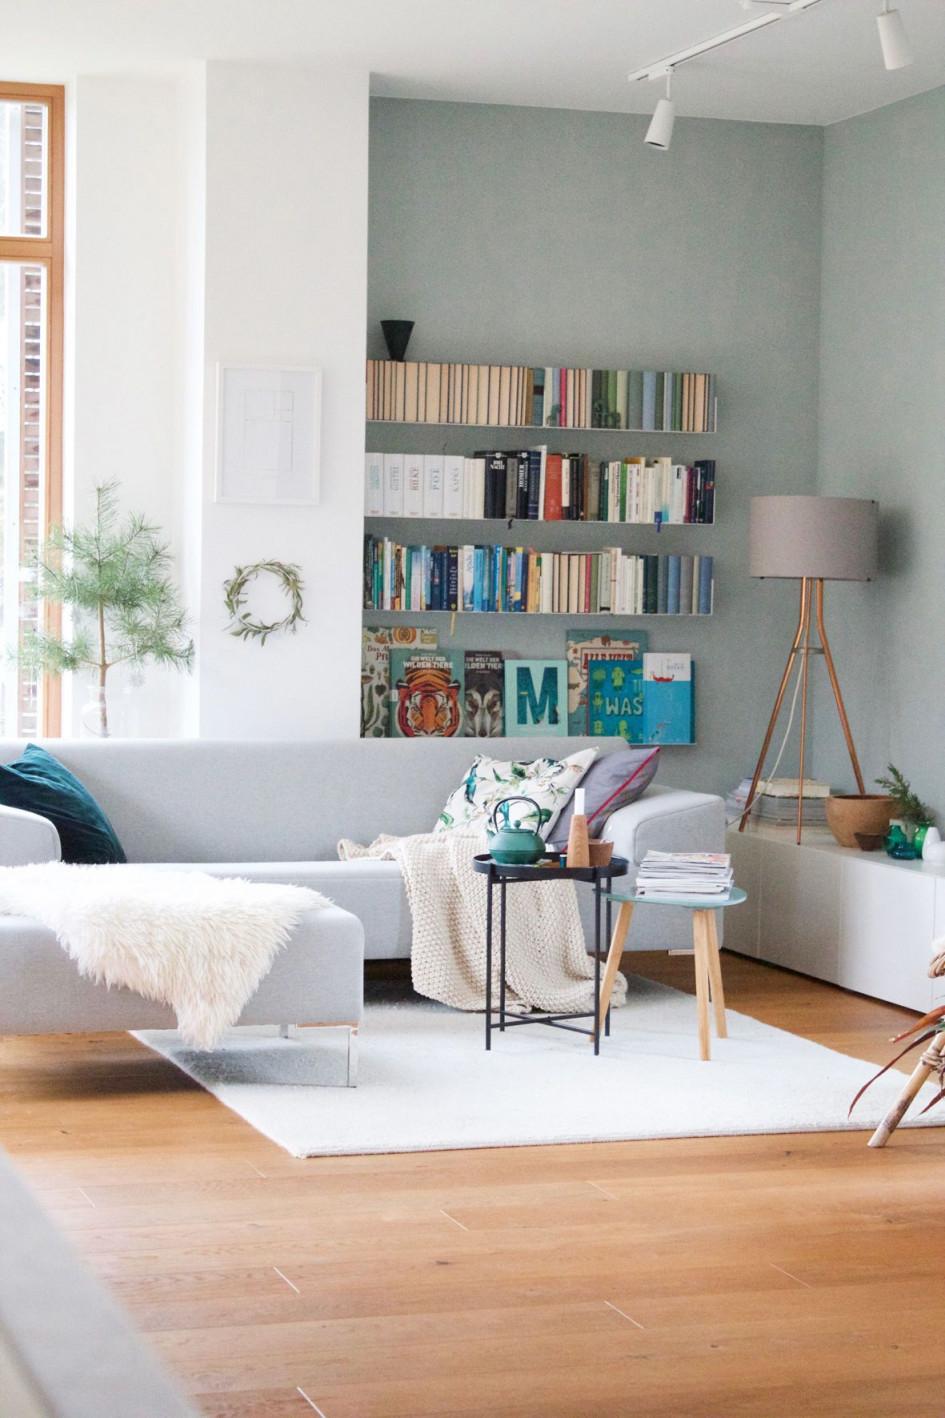 Die Schönsten Ideen Für Die Wandfarbe Im Wohnzimmer von Farbideen Wohnzimmer Wände Ideen Photo